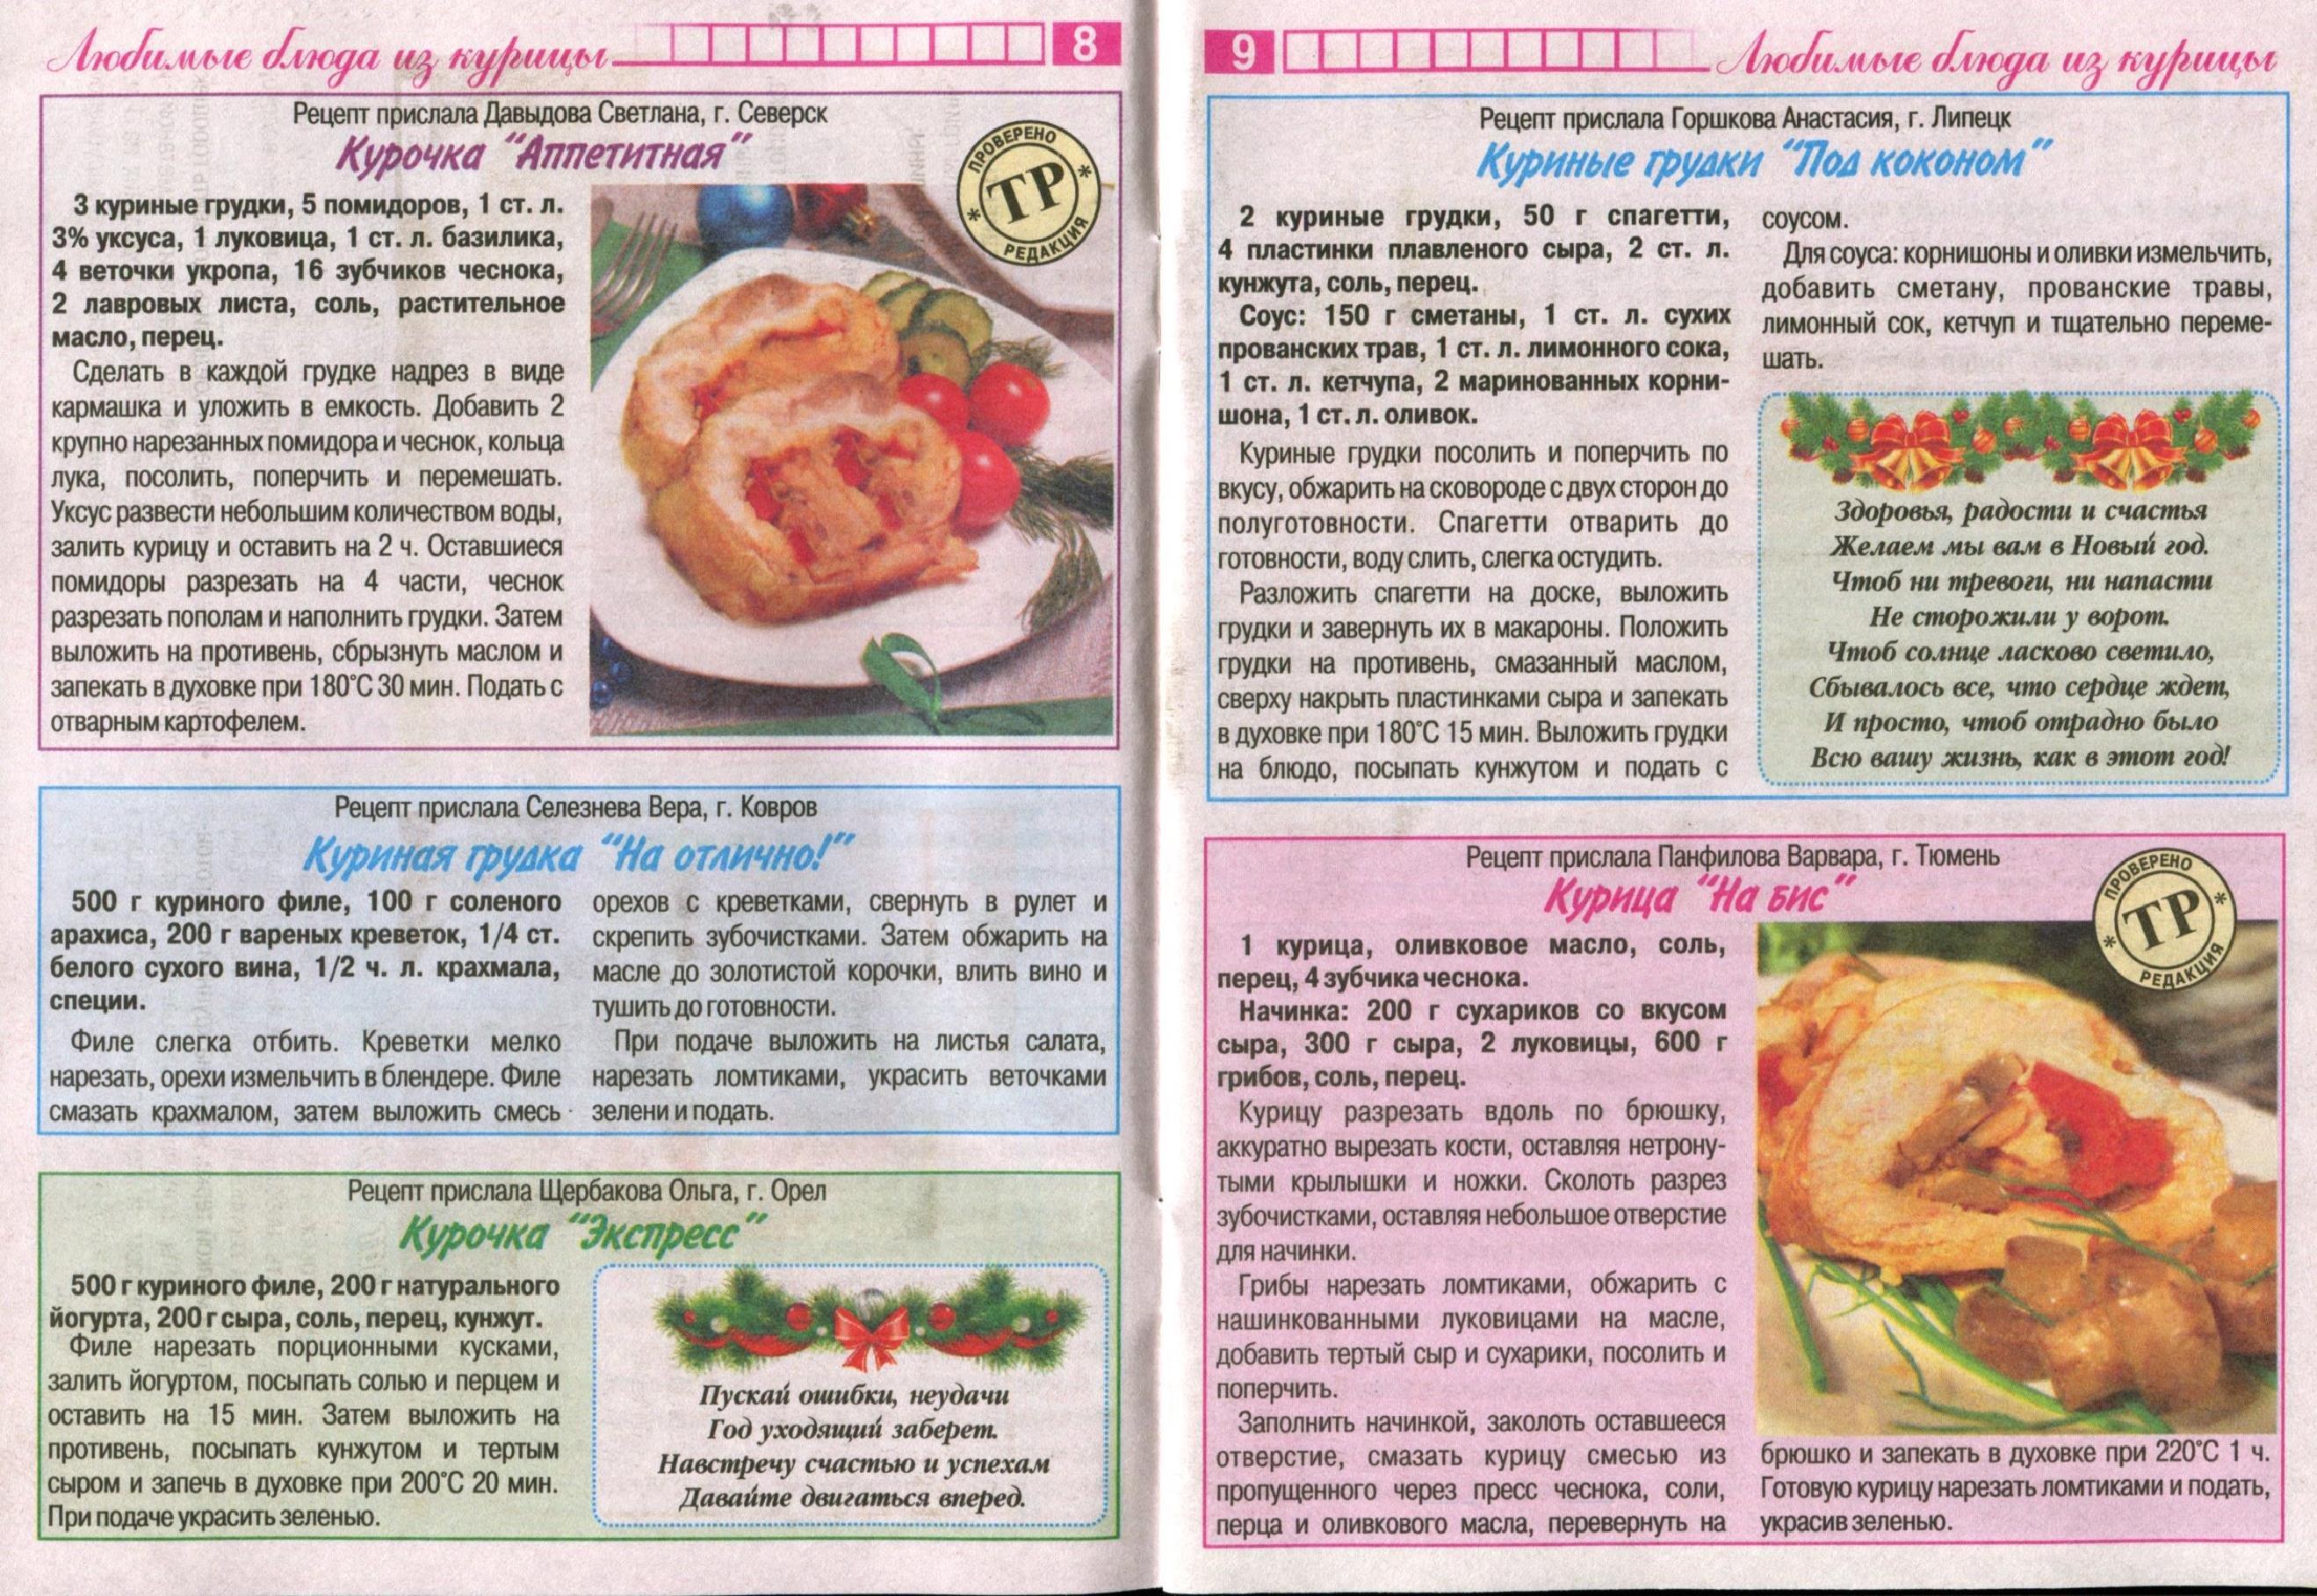 Рецепт приготовления на открытке, развод смешные русские